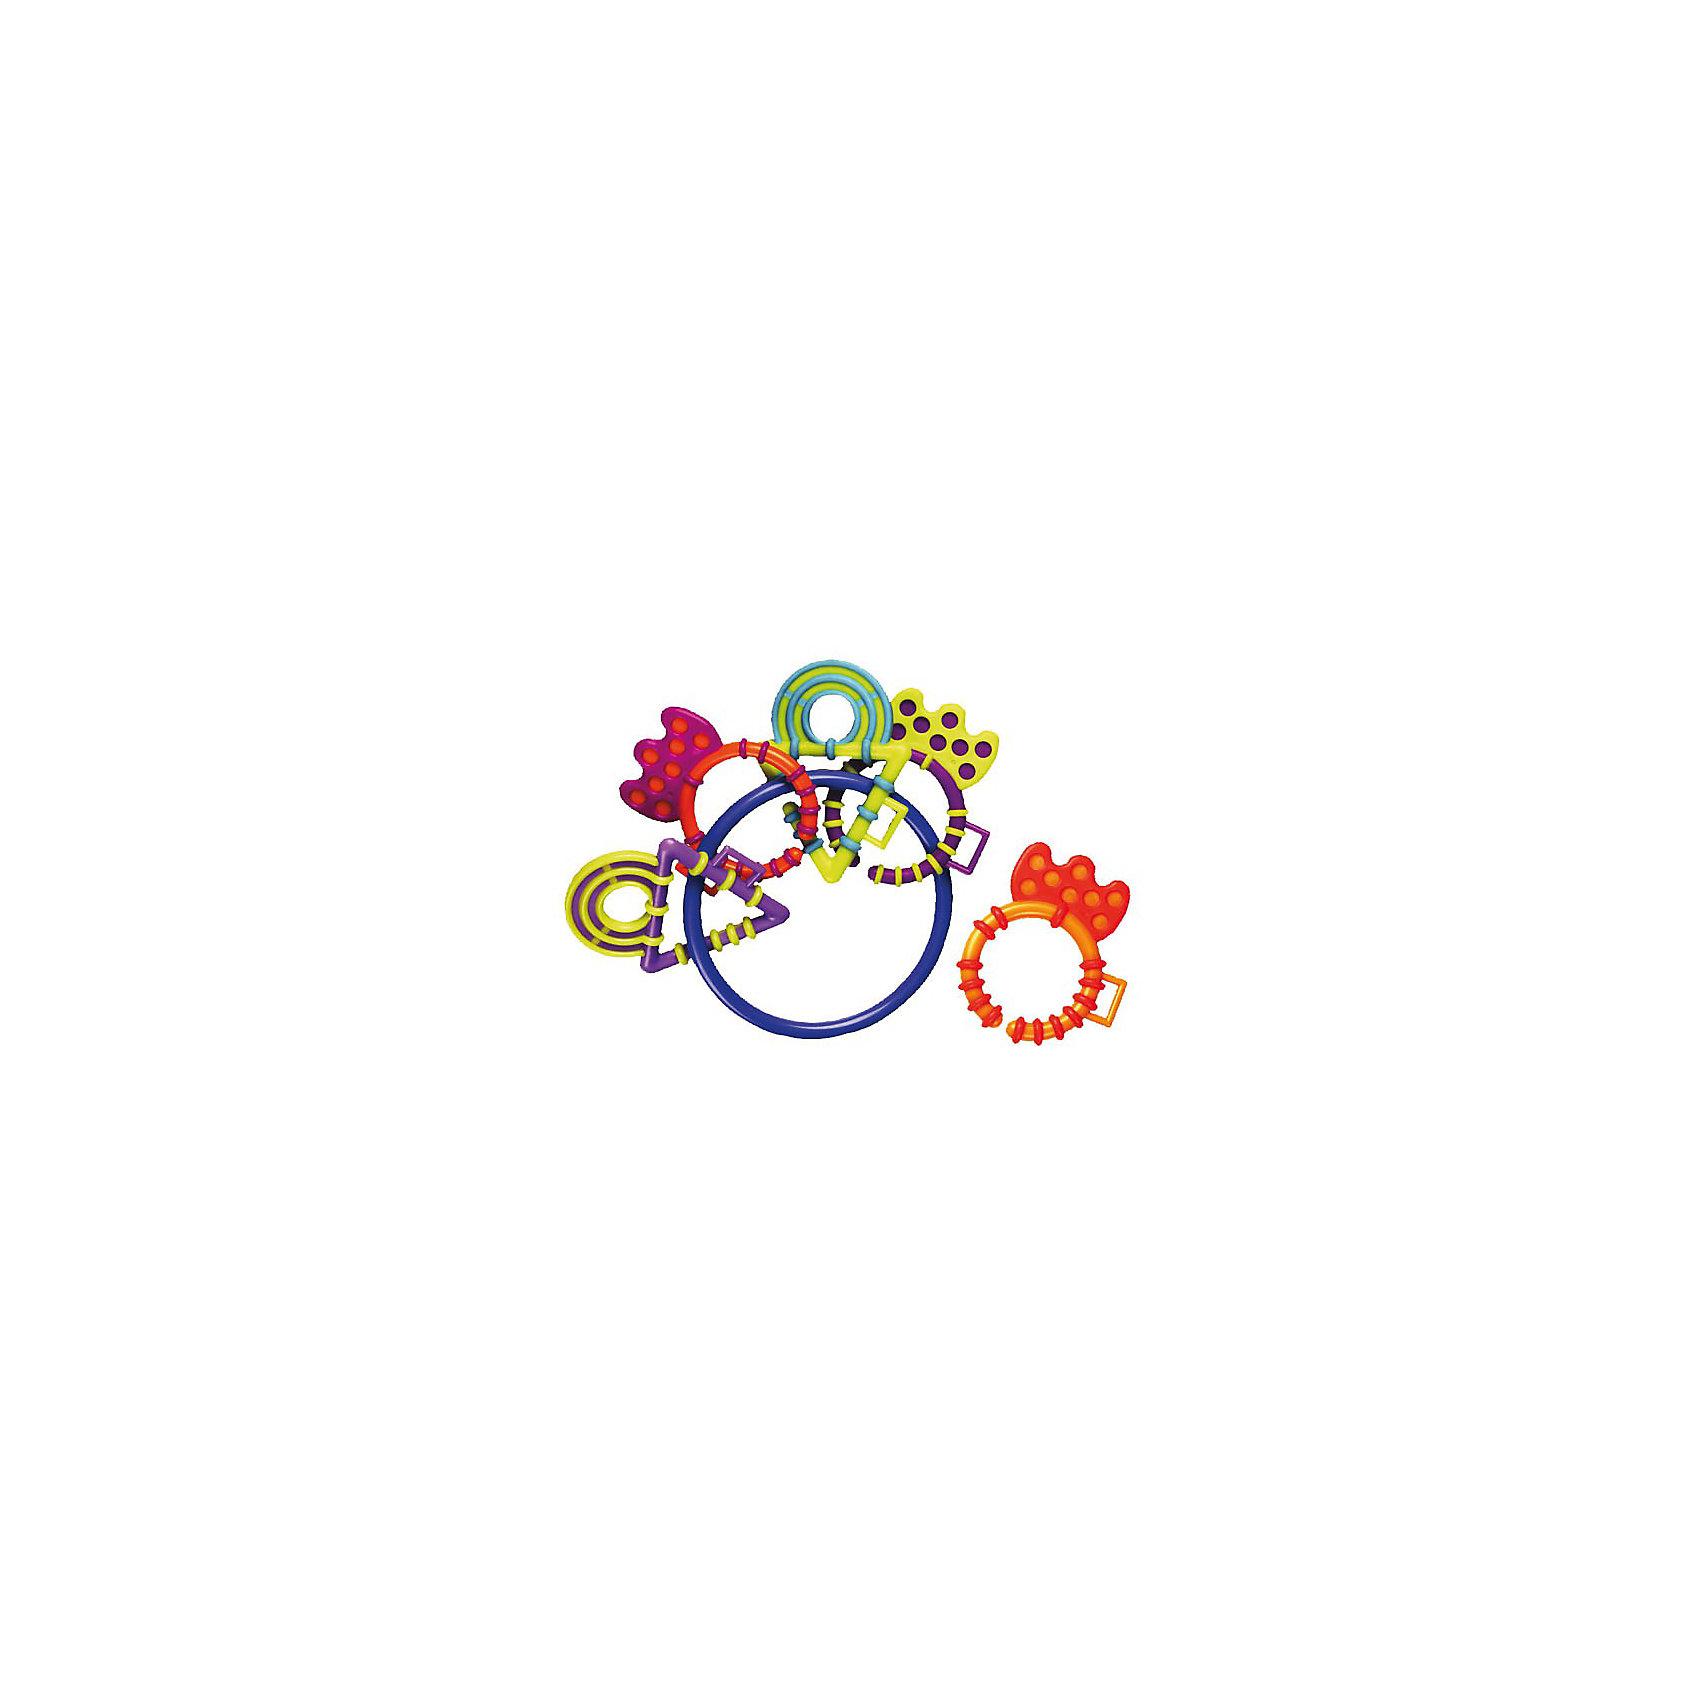 Погремушка-прорезыватель PlaygroПрорезыватели<br>Погремушка-прорезыватель Playgro (Плейгро) - незаменимая игрушка во время прорезывания зубов Вашего ребенка!<br><br>5 разноцветных фигурных прорезывателей для зубов из мягкого безопасного пластика закреплены на большом пластиковом кольце. Все прорезыватели легко отсоединяются от кольца и могут быть использованы по отдельности. Также колечки можно соединить в одну цепочку. Прорезыватели звенят на кольце, если потрясти.<br><br>Погремушка превосходна для маленьких рук!<br><br>Погремушку-прорезыватель Playgro можно купить в нашем интернет-магазине.<br><br>Ширина мм: 280<br>Глубина мм: 490<br>Высота мм: 360<br>Вес г: 51<br>Возраст от месяцев: 0<br>Возраст до месяцев: 12<br>Пол: Унисекс<br>Возраст: Детский<br>SKU: 2327583